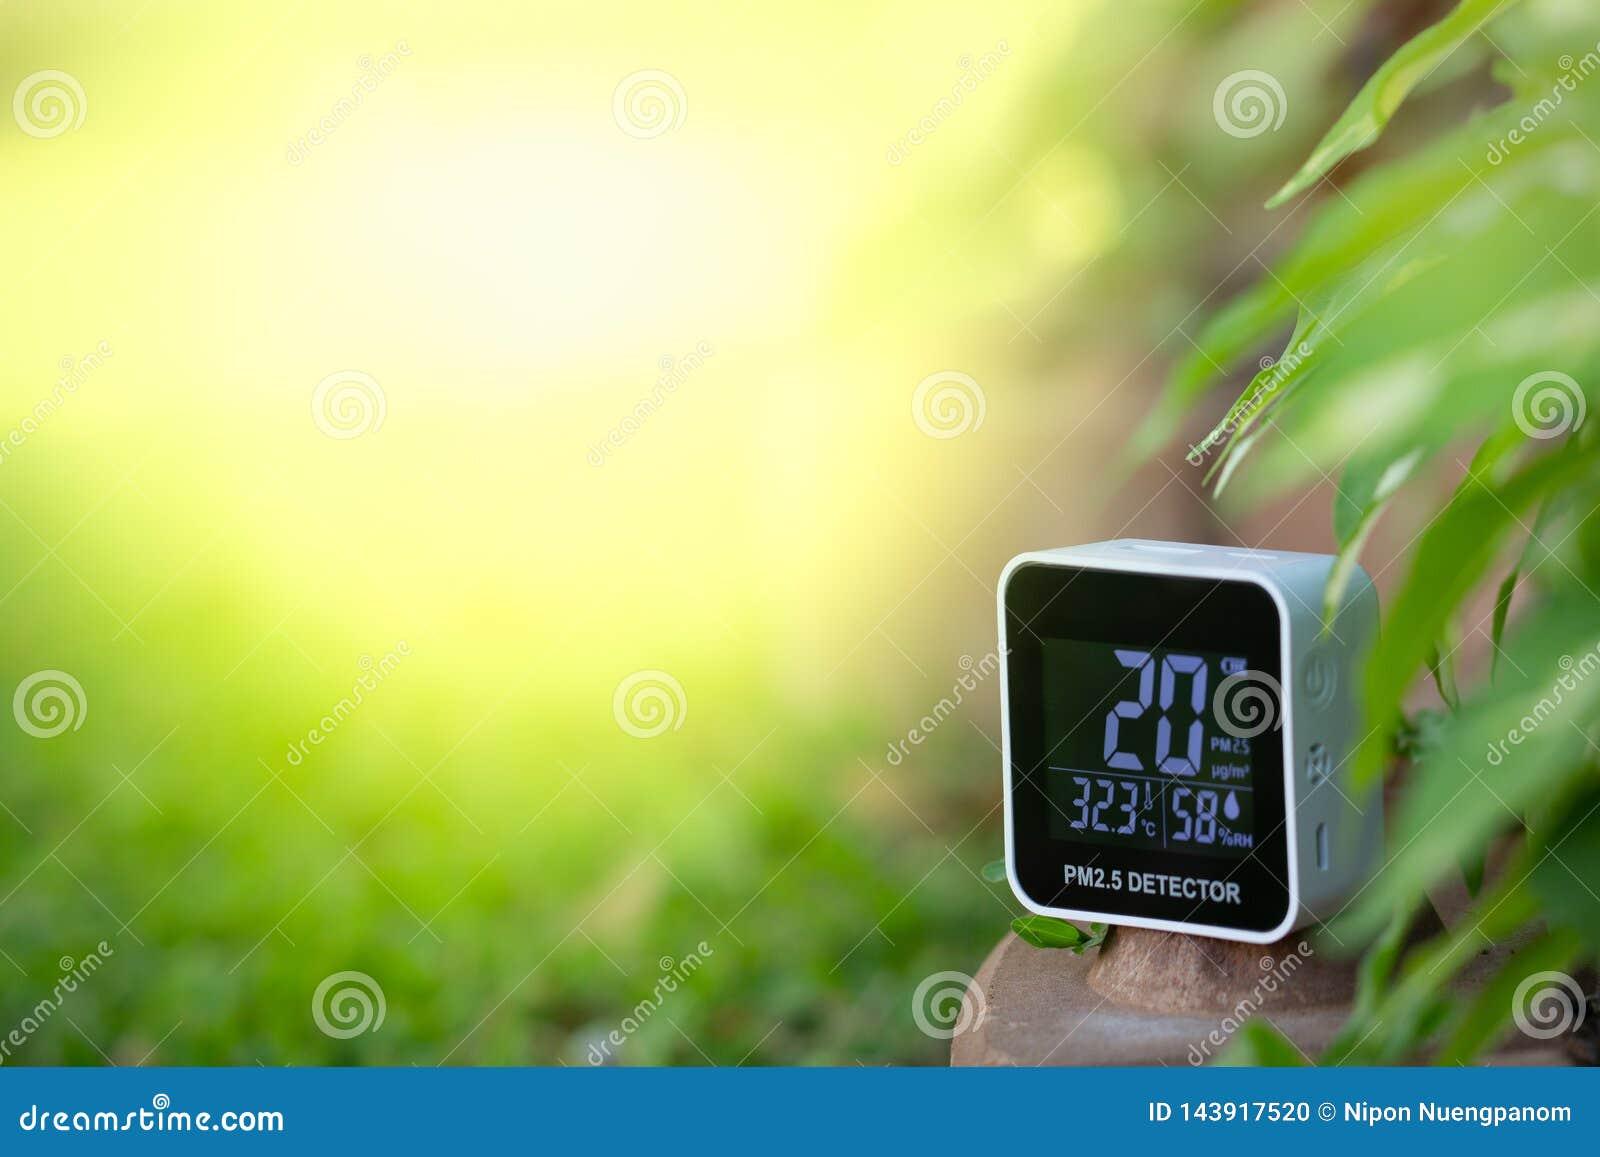 ΠΡΩΘΥΠΟΥΡΓΟΣ 2 συσκευή 5 ανιχνευτών που μετρά την ατμοσφαιρική ρύπανση